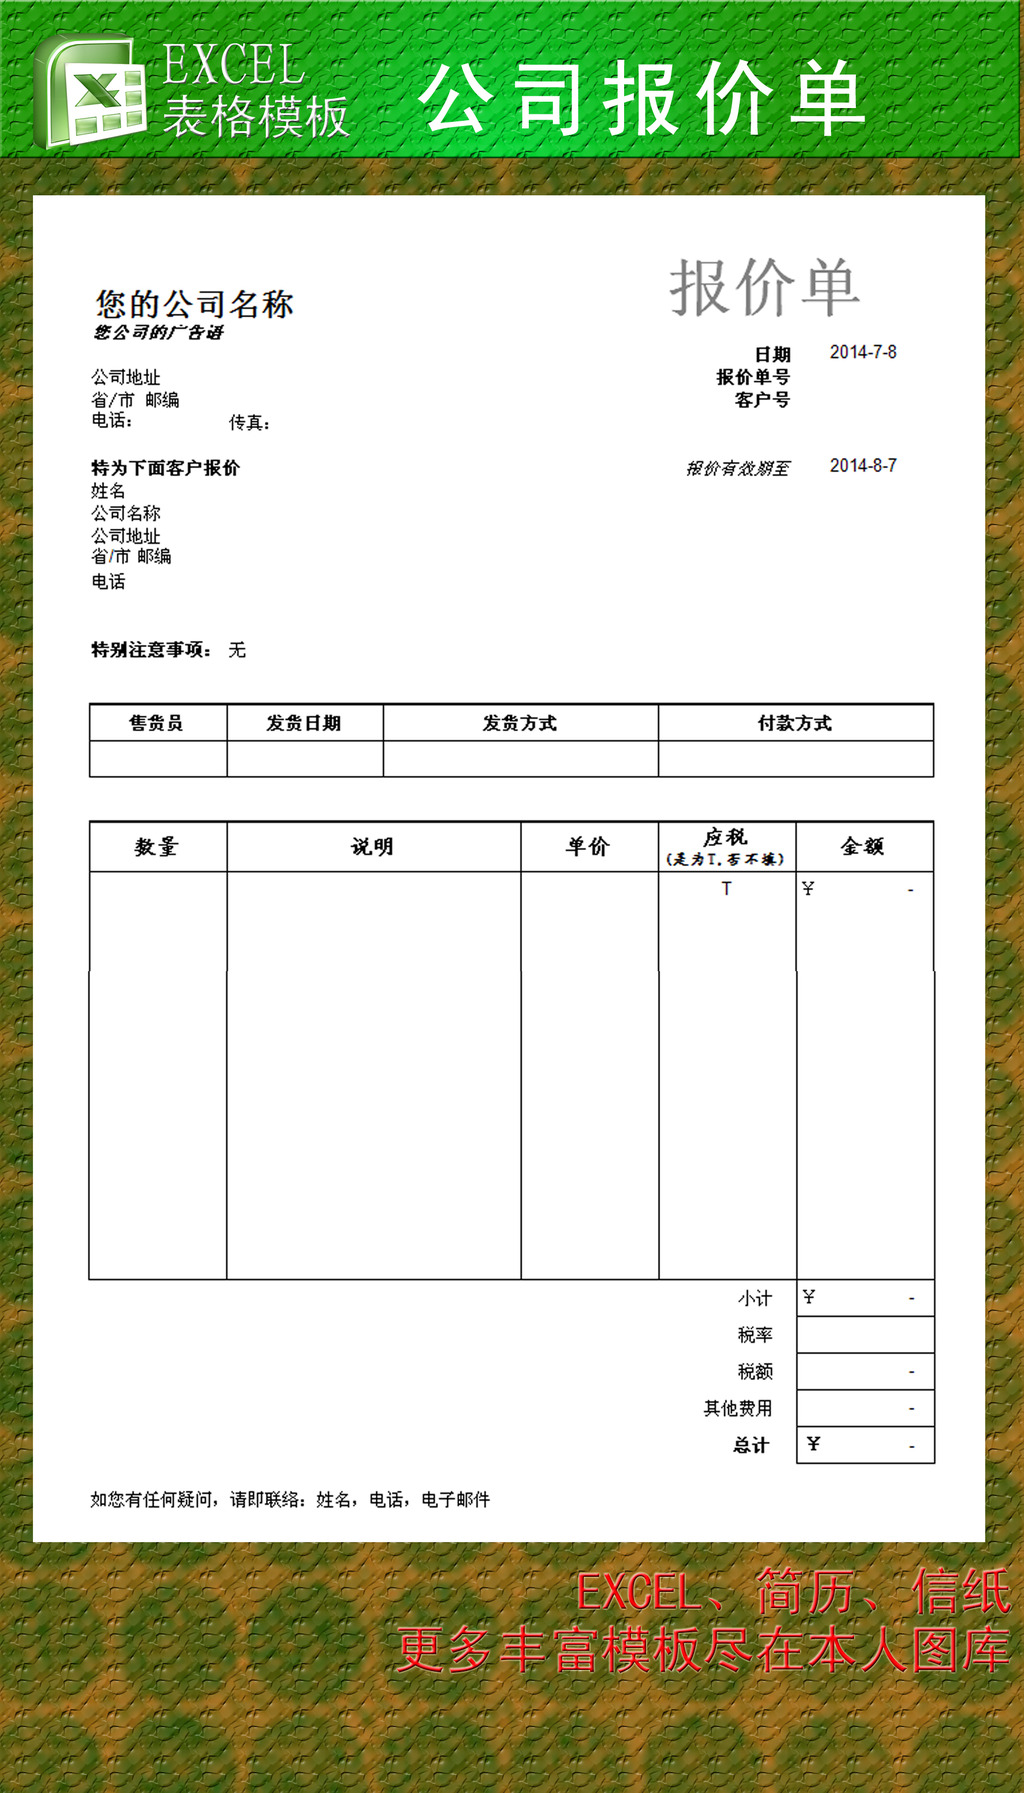 报价单excel模板模板下载(图片编号:12261991)